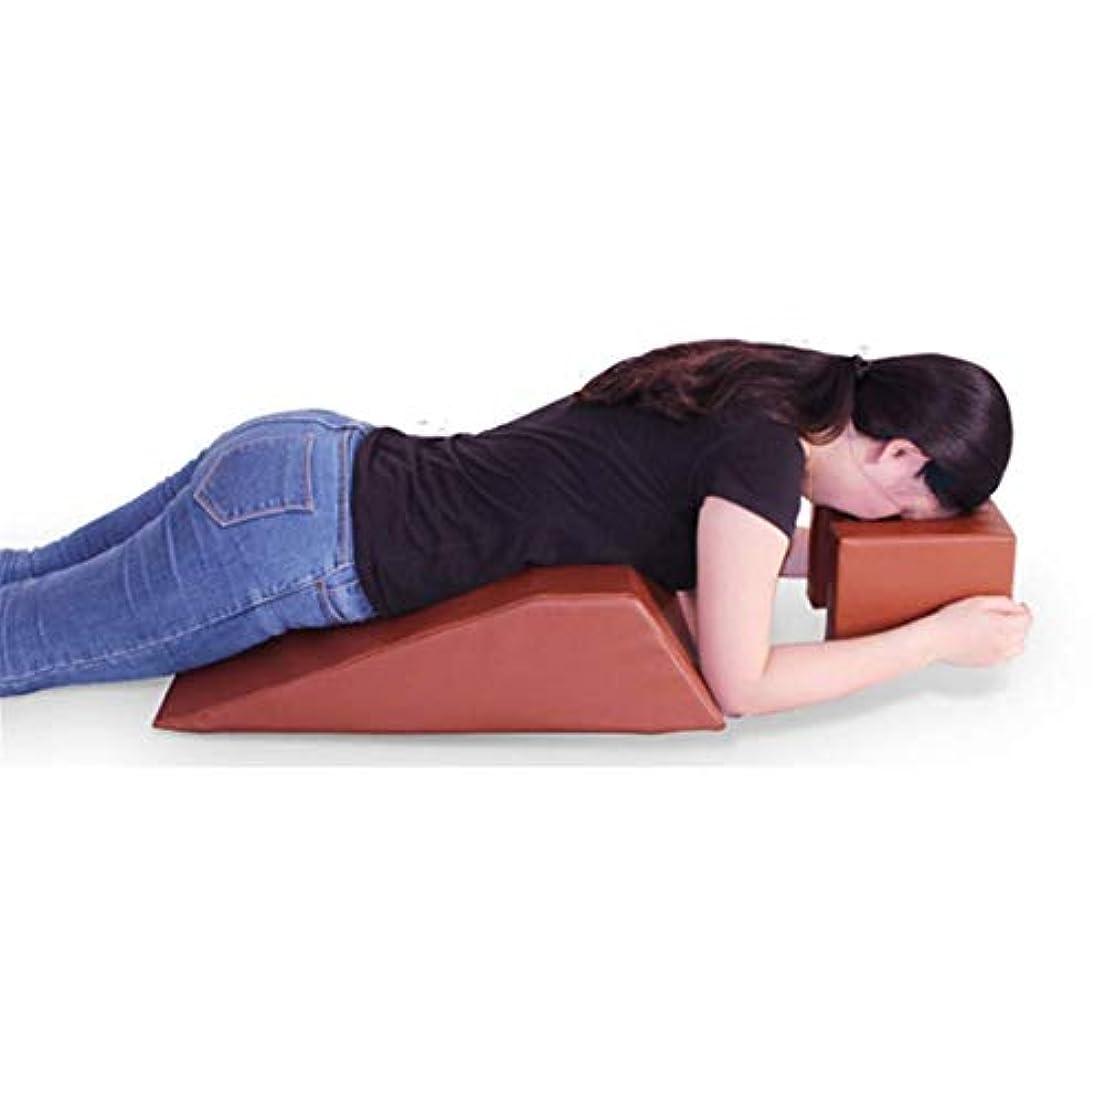 壊れたに付ける同化腹臥位クッション、眠りやすい腹臥位、腰痛軽減、バックセラピー